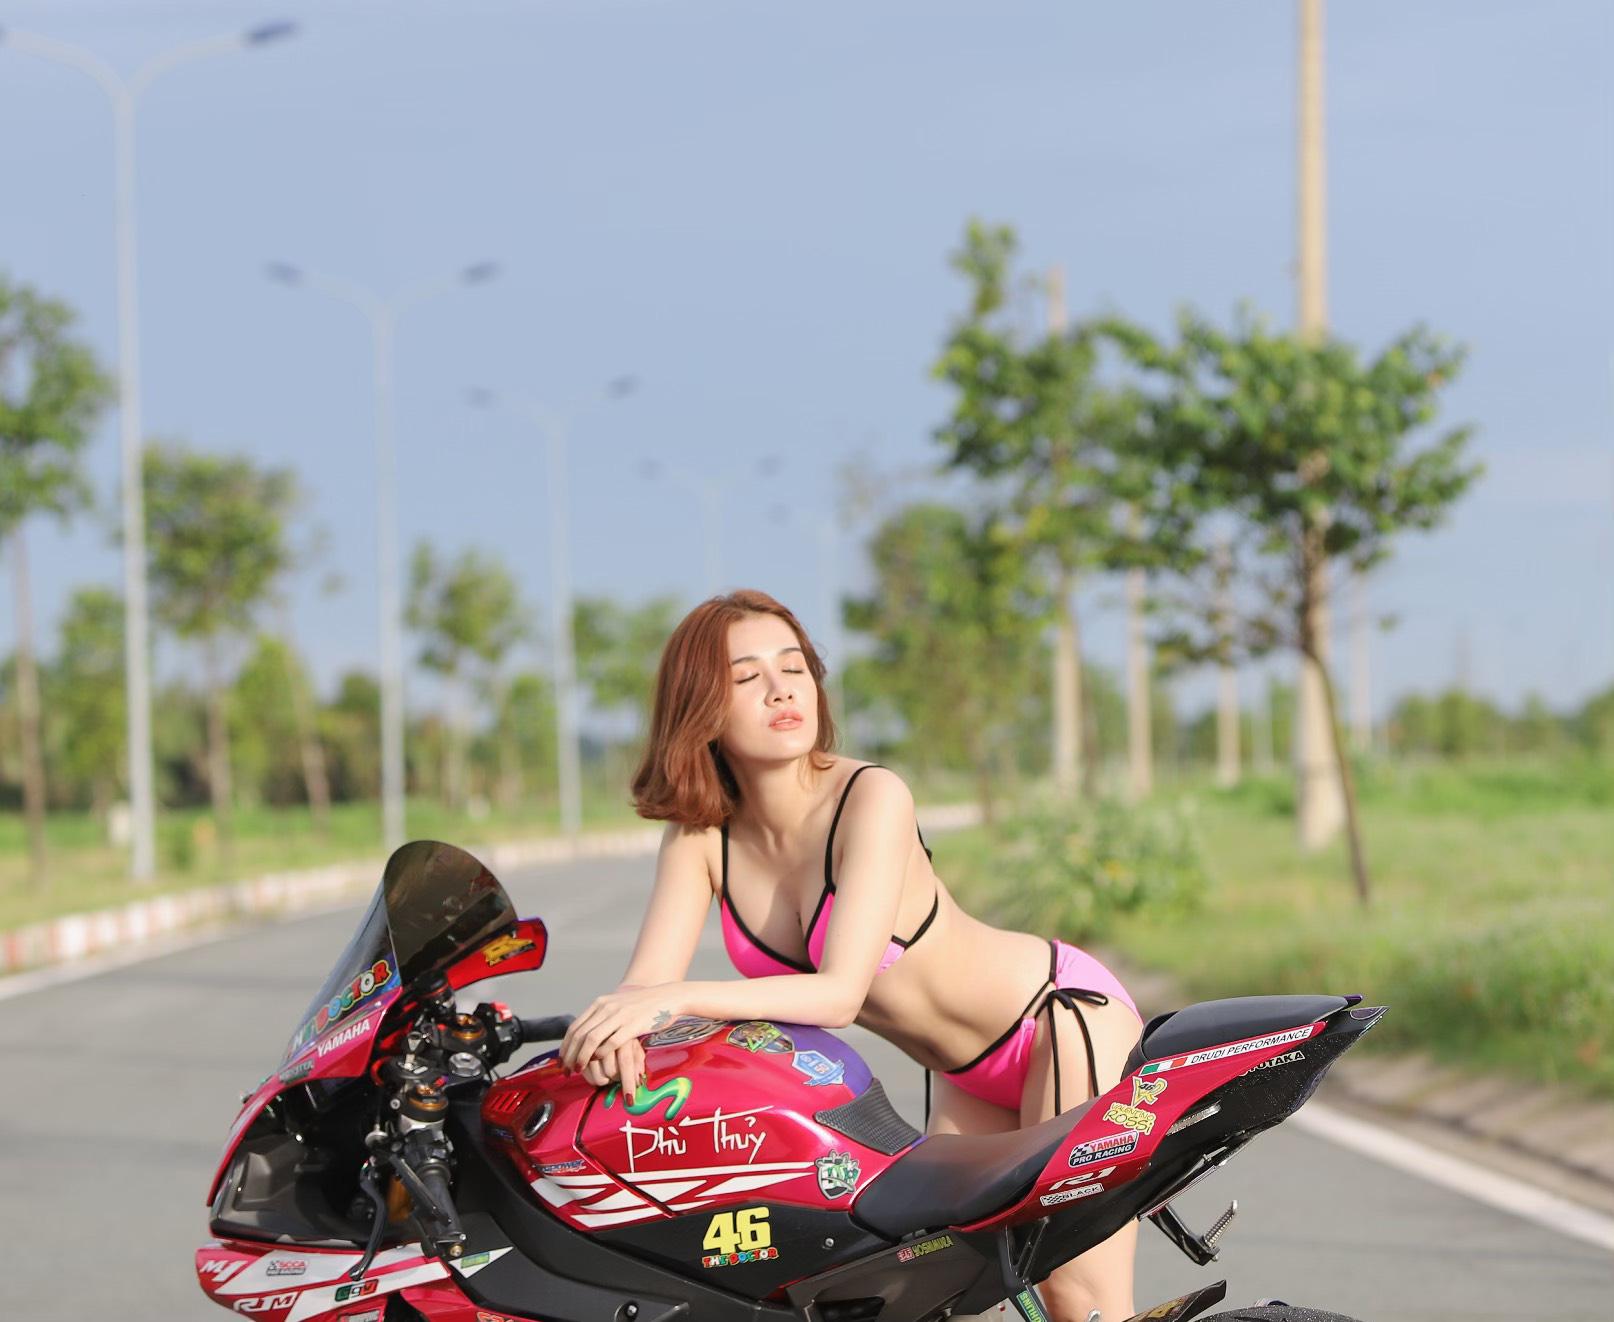 """Hot girl mô tô phân khối lớn Tina Phạm: """"Cưỡi ngựa sắt là quên hết sự đời"""" - Ảnh 13."""